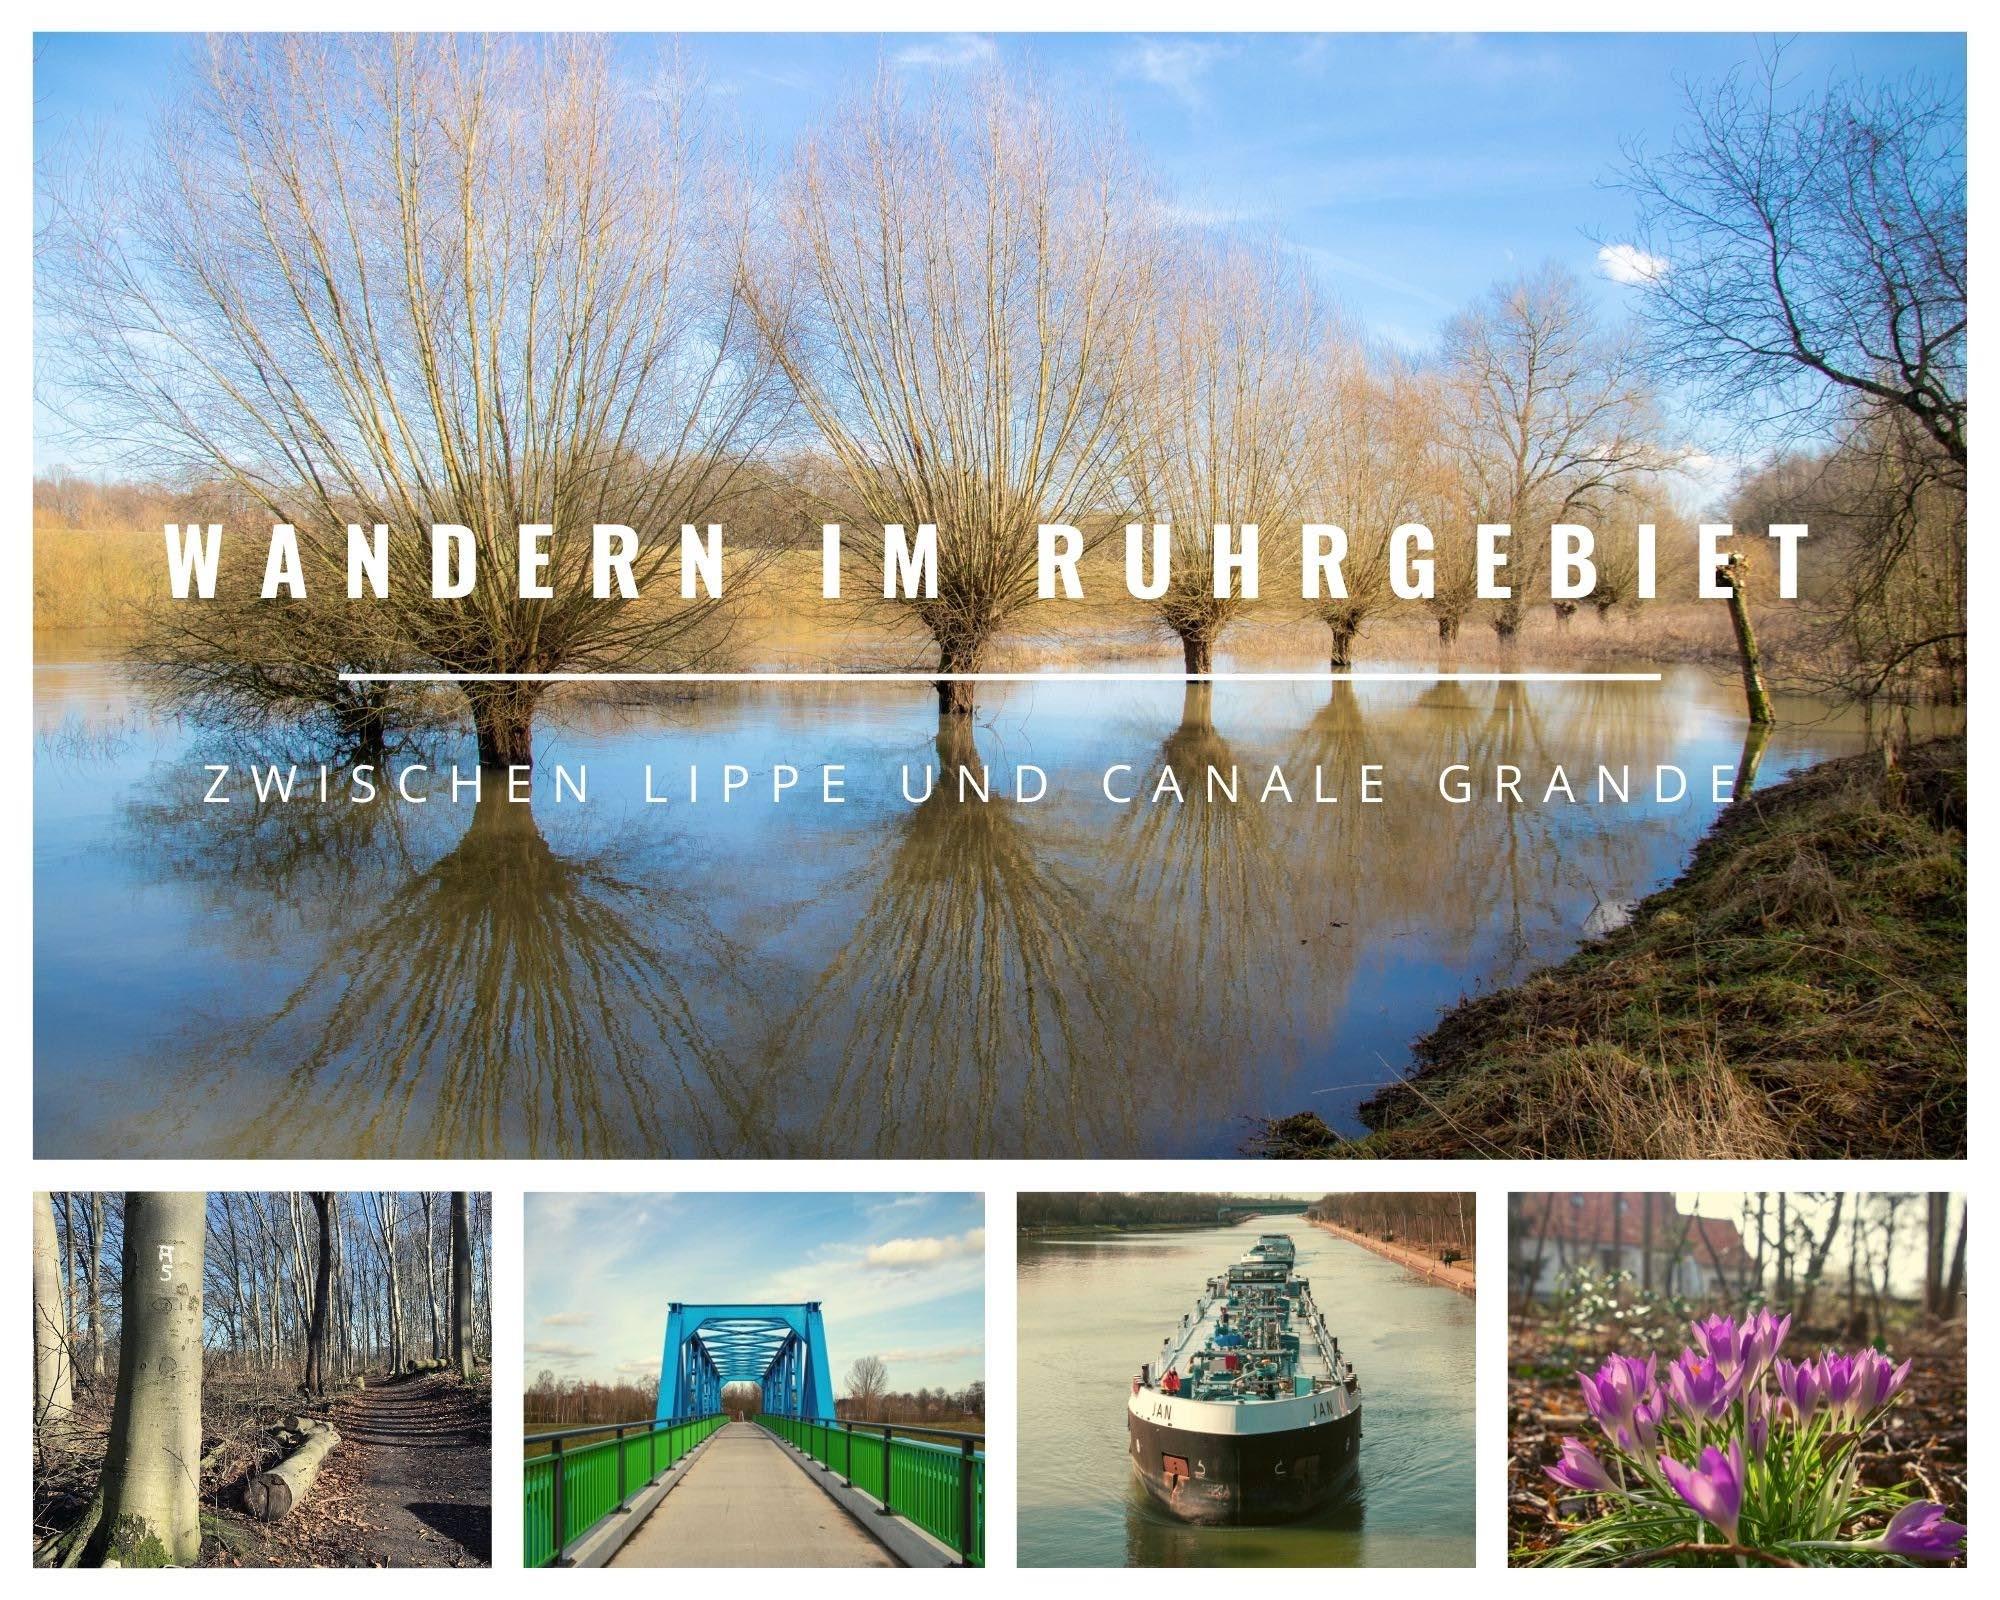 Wandern im Ruhrgebiet – Unterwegs zwischen Lippe und Canale Grande